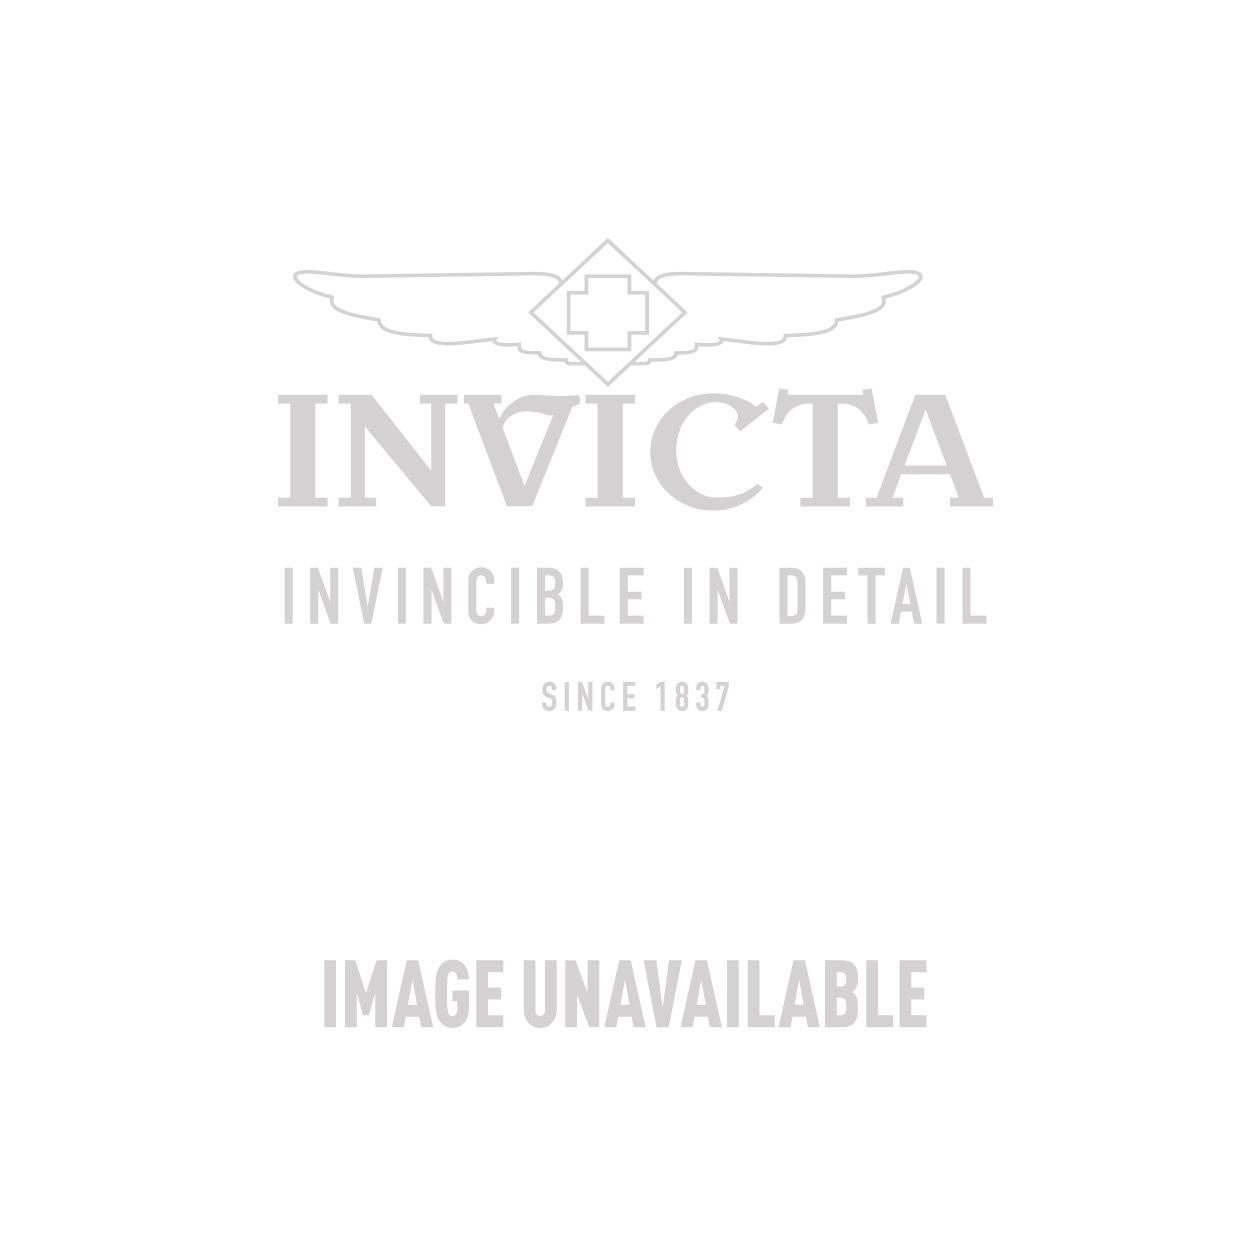 Invicta Model 25901